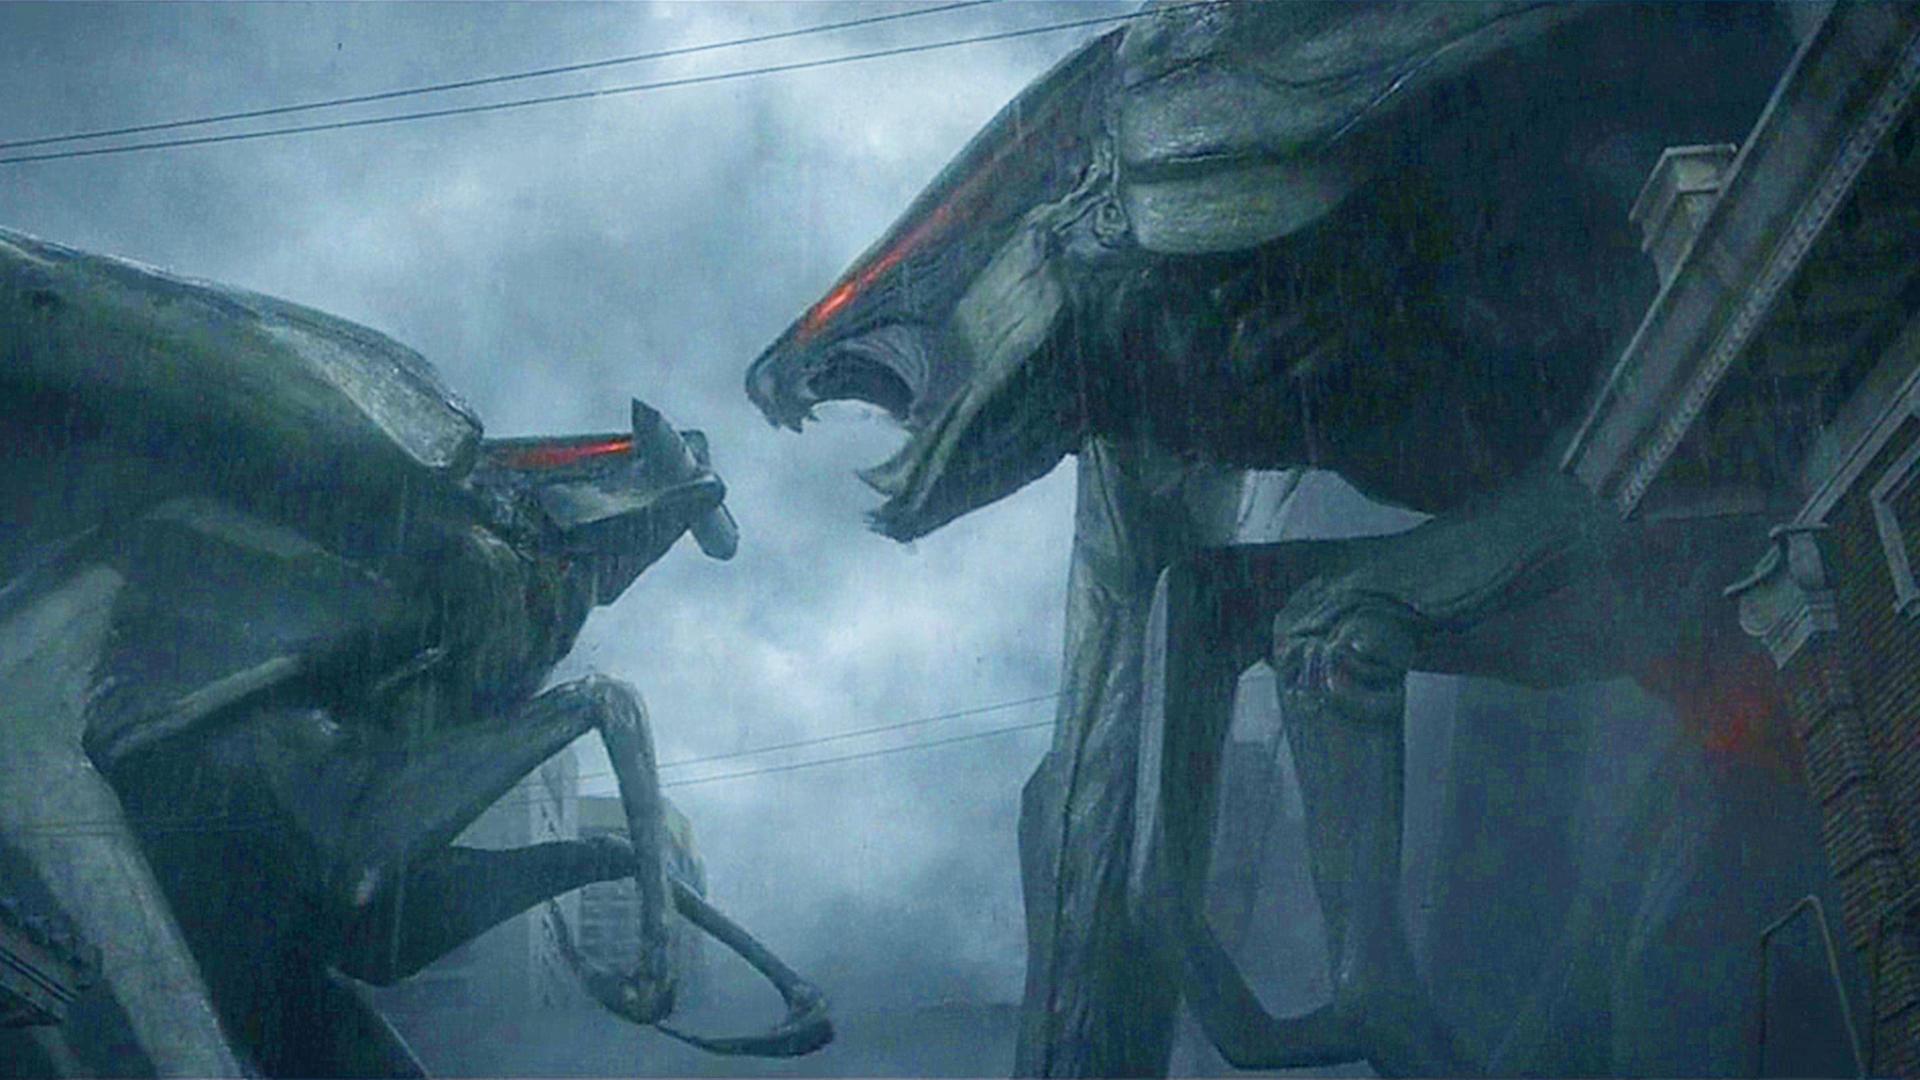 #经典看电影#哥斯拉中的怪兽乱入环太平洋,二叠纪远古巨兽穆托袭击旧金山